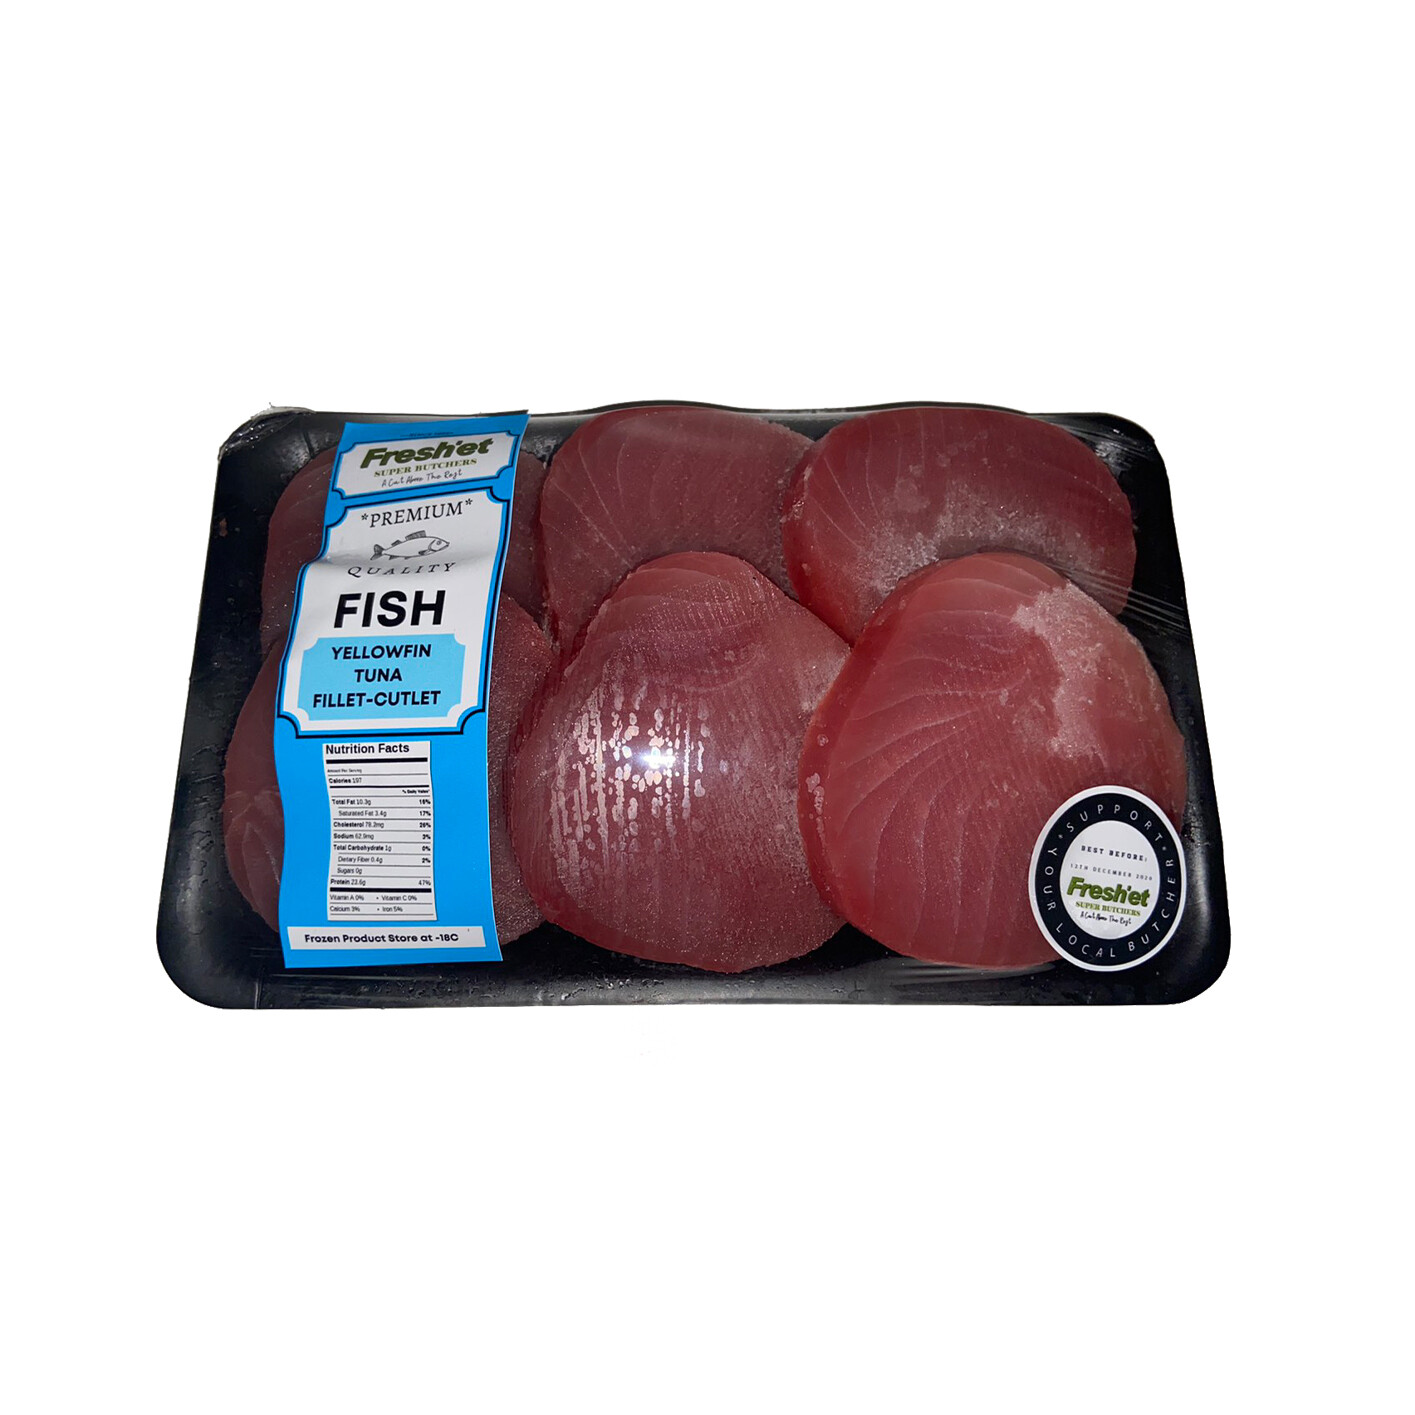 FISH Yellow Fin Tuna Fillet Cutlets - 1kg